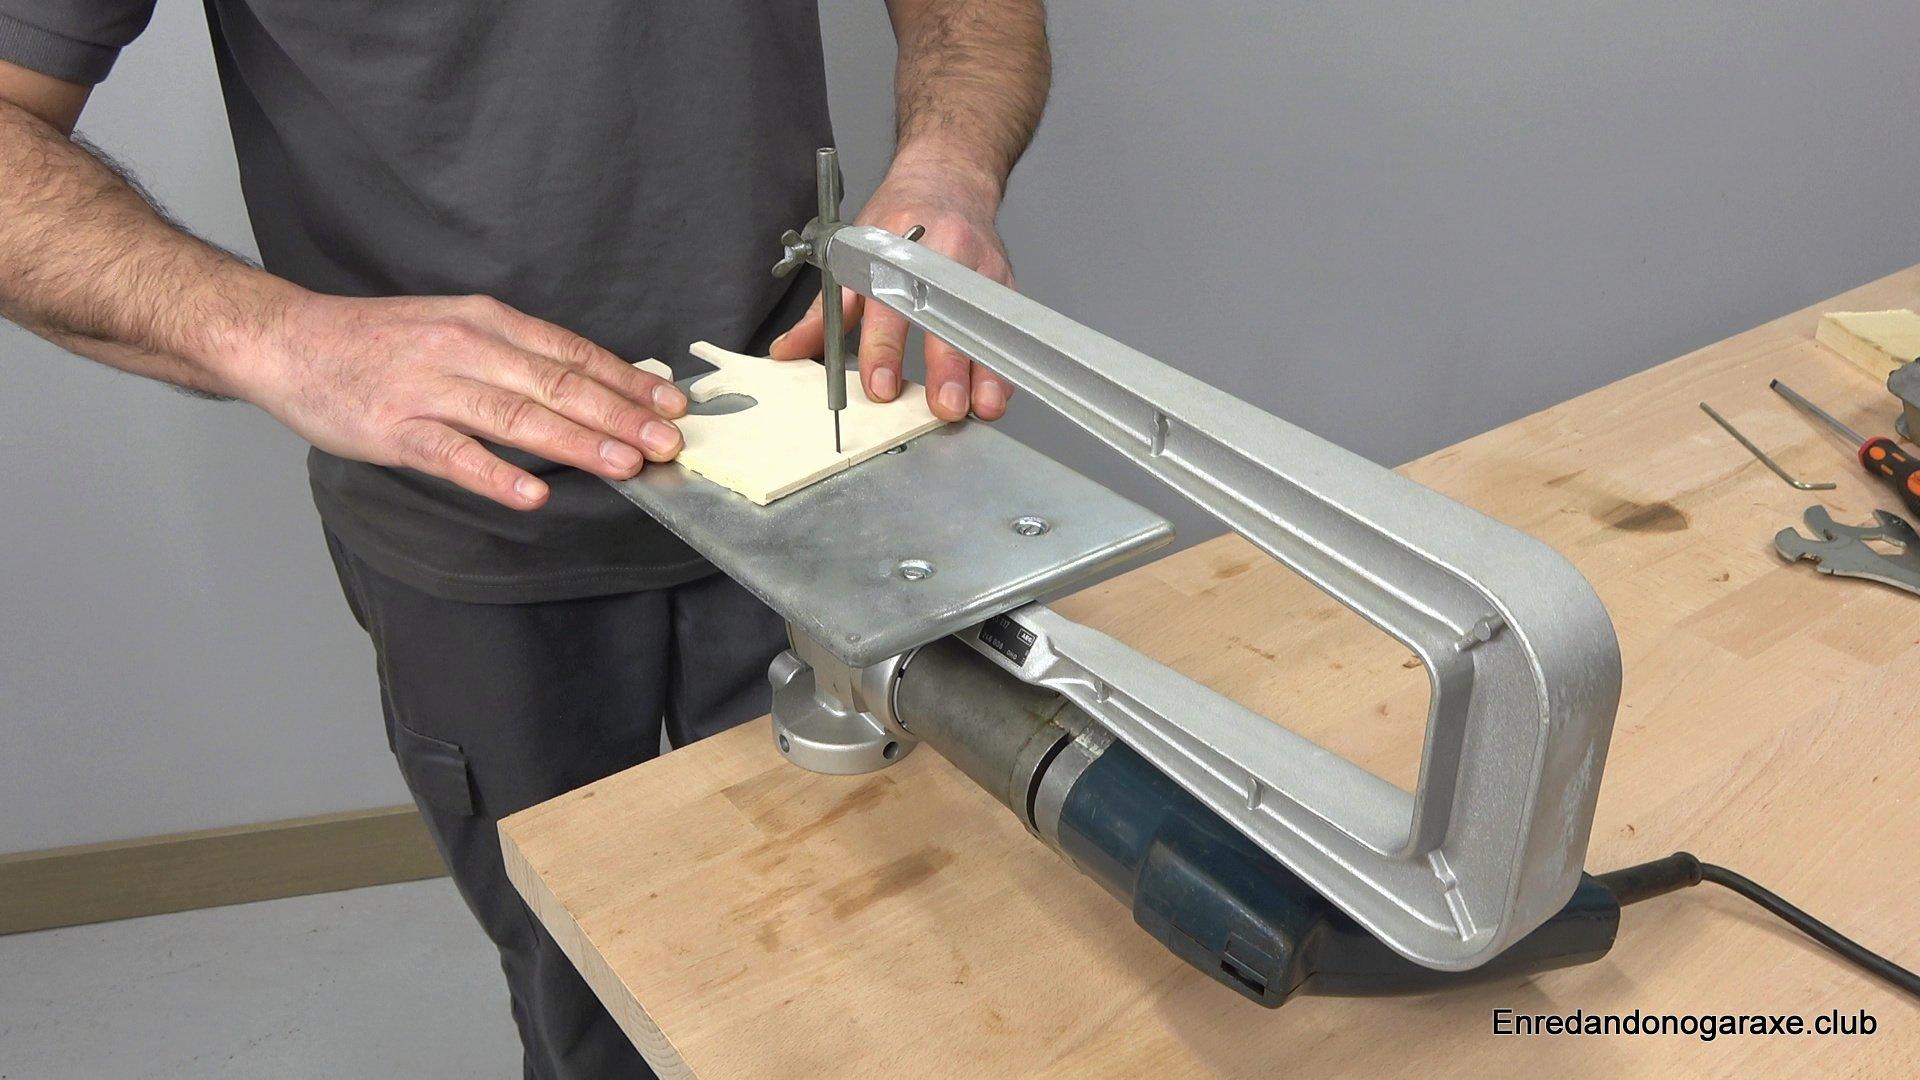 sierra de marquetería para cortar madera de contrachapado